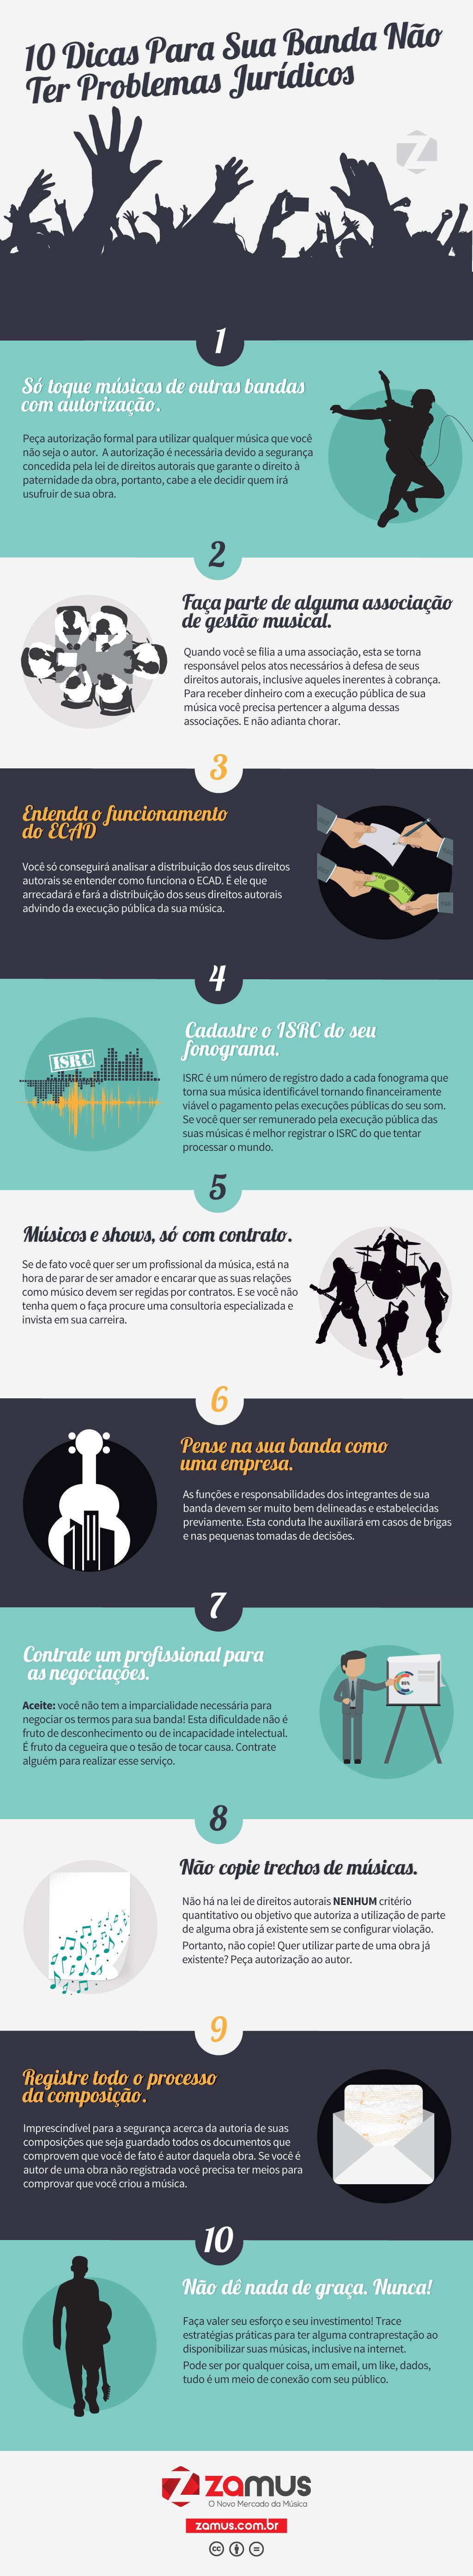 10 Dicas para sua banda não ter problemas jurídicos-Infográfico